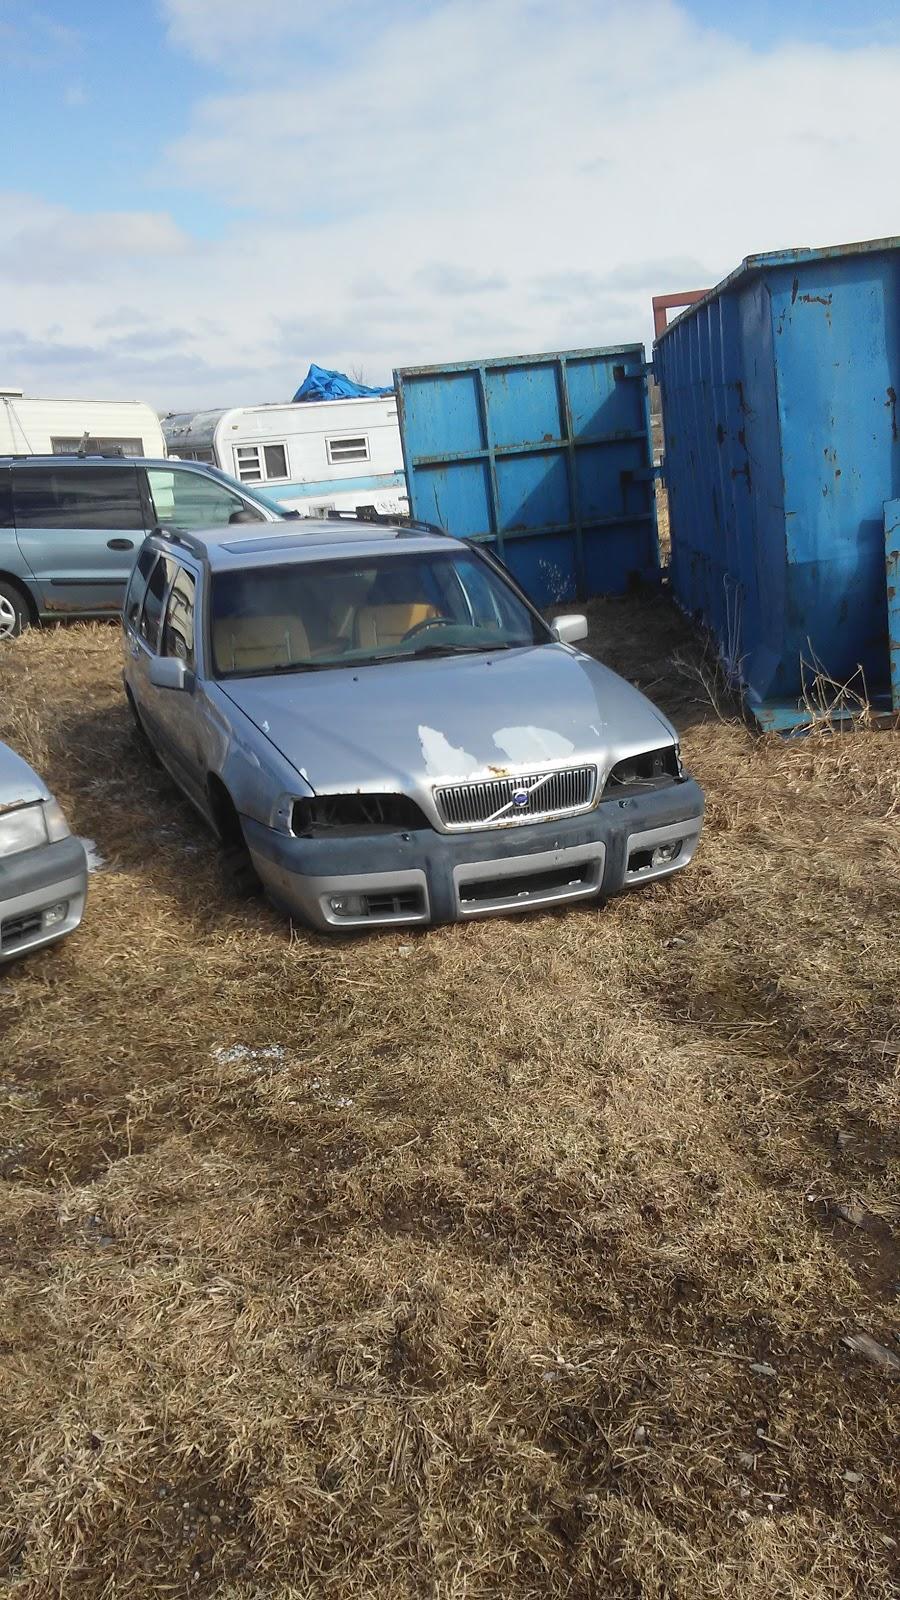 Lavoie Jos Cours De Rebuts Inc   car repair   35 202 Rte, Stanbridge East, QC J0J 2H0, Canada   4502484144 OR +1 450-248-4144